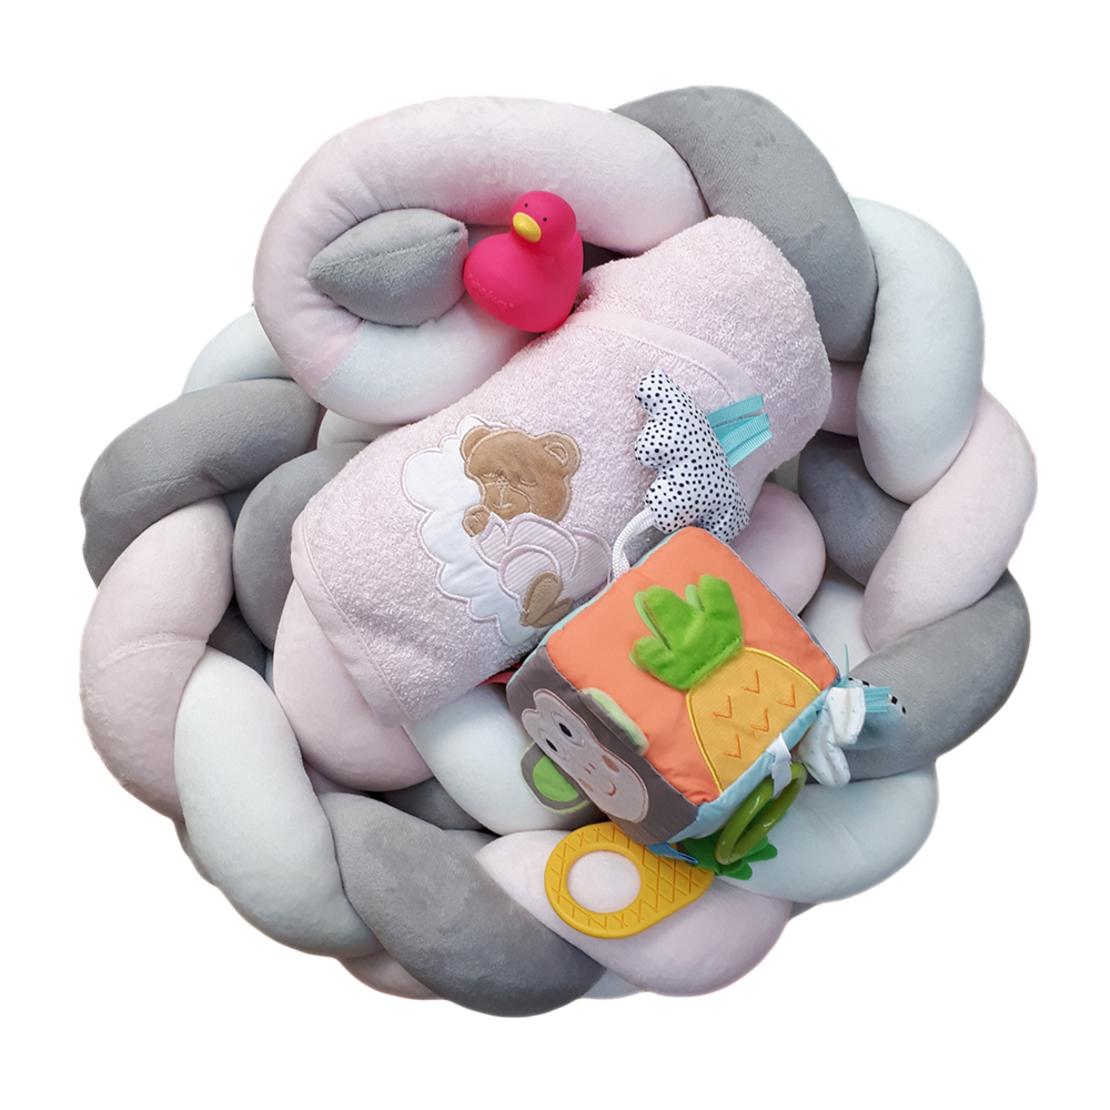 15# - גאון של אימא לבת : מארז לידה מקסים המכיל נחשוש צמה משגע, קוביית סקרנות, קפוצ'ון מגבת וברווזון לאמבט